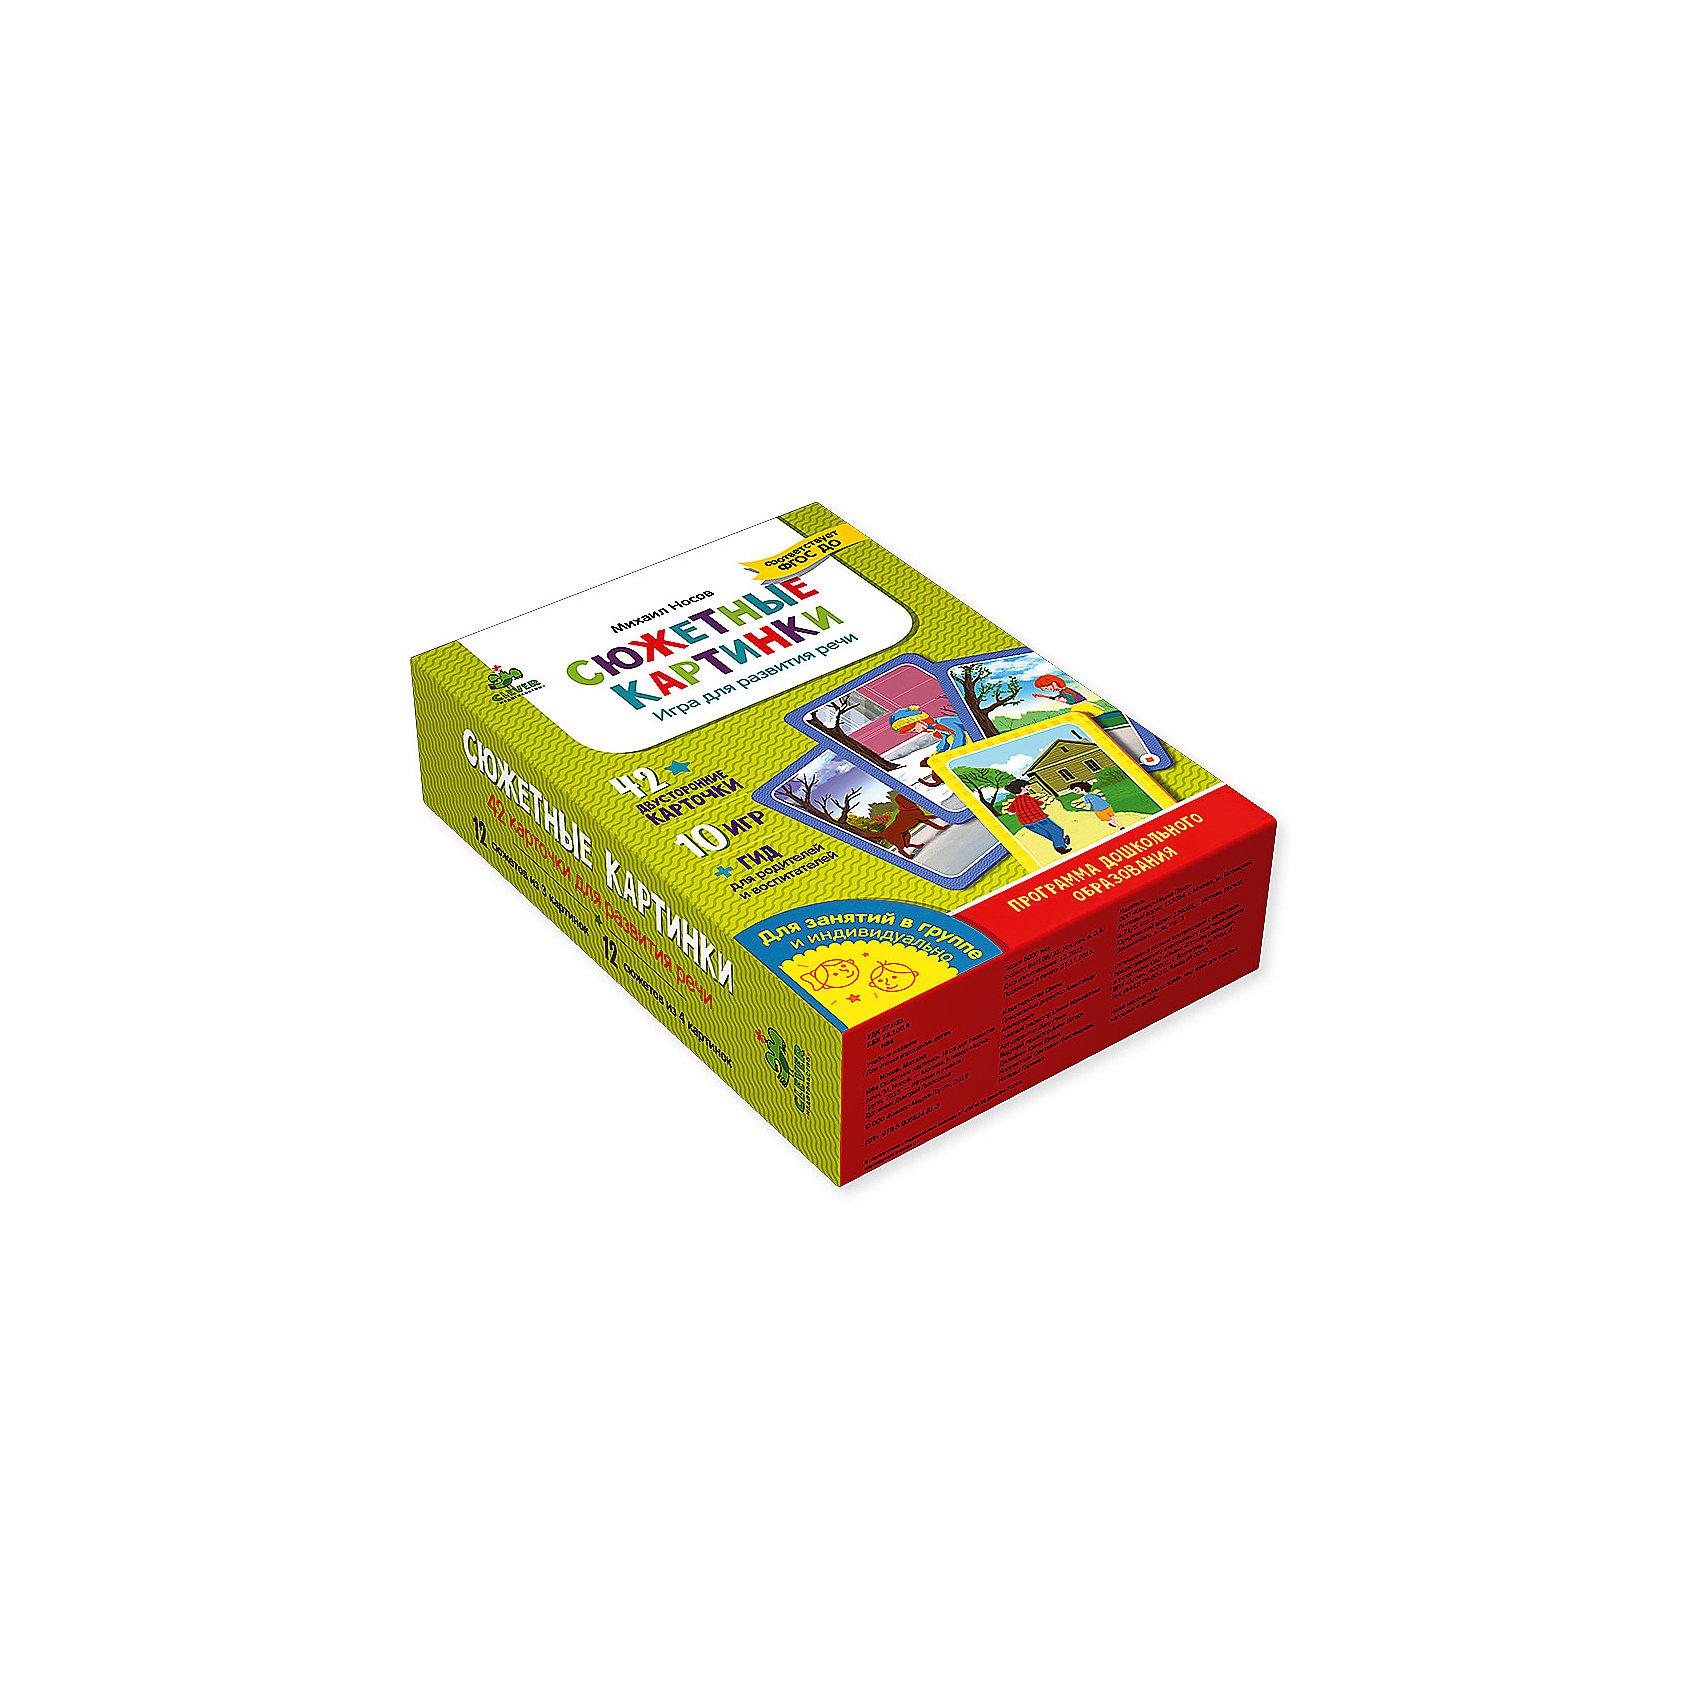 Игра для развития речи Сюжетные картинки, М. НосовИгра для развития речи Сюжетные картинки, М. Носов<br><br>Характеристики:<br><br>• ISBN: 978-5-906824-81-3<br>• Кол-во страниц: 84<br>• Возраст: от 4 лет<br>• Формат: а4<br>• Размер книги: 176x125x45 мм<br>• Бумага: картон<br>• Вес: 900 г<br>• Обложка: картонная коробка<br><br>Образная, яркая, логично построенная речь - основной показатель интеллектуального уровня развития ребенка. Данная книга, состоящая из разнообразных проиллюстрированных карточек с разнообразными сюжетами – позволит родителям или воспитателям детских садов эффективно работать над развитием речи ребенка. В наборе содержится подробная пошаговая инструкция, 10 сценариев для проведения развивающих занятий, 12 сюжетов из 3 картинок и 12 сюжетов из 4 картинок.<br> <br>Игра для развития речи Сюжетные картинки, М. Носов можно купить в нашем интернет-магазине.<br><br>Ширина мм: 175<br>Глубина мм: 125<br>Высота мм: 10<br>Вес г: 900<br>Возраст от месяцев: 48<br>Возраст до месяцев: 72<br>Пол: Унисекс<br>Возраст: Детский<br>SKU: 5377766